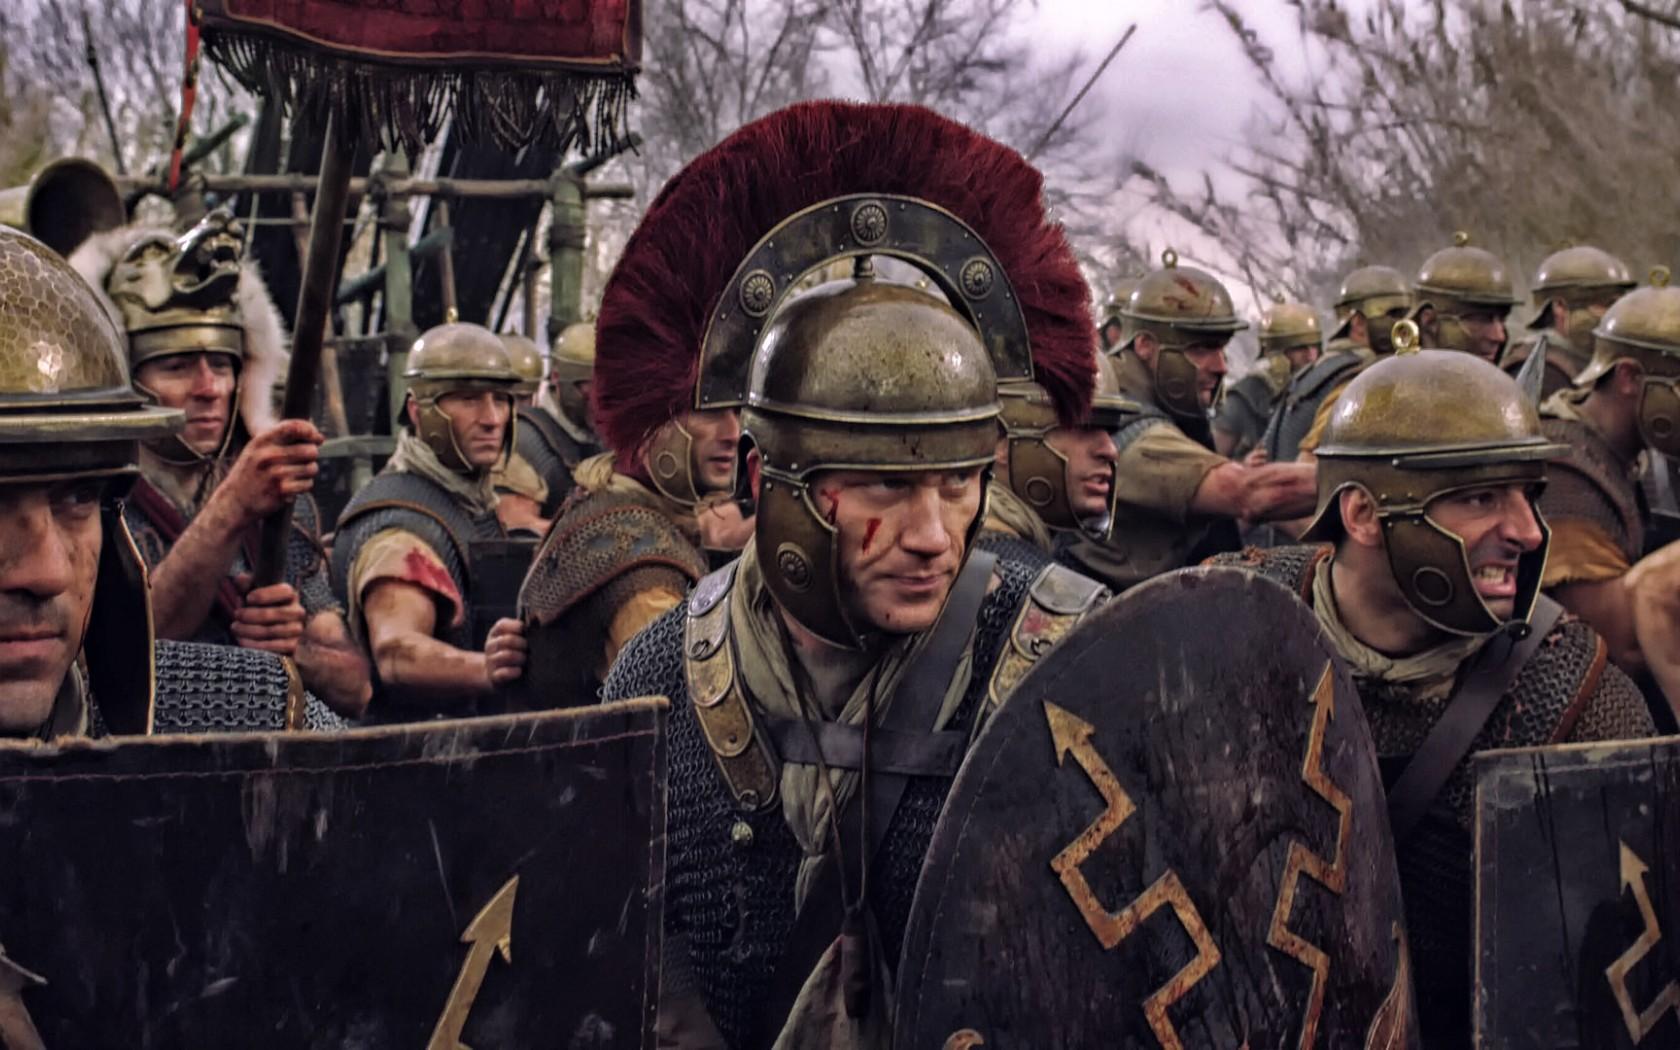 上图:百夫长是罗马军团中最重要的职业军官,平时负责训练,战时负责指挥。普通百夫长相当于今日的中尉,领导一个百人队,首席百夫长则相当于今日的上校。要想成为百夫长,必须获得数位重要人物的推荐信,年满30岁,具备读写能力,所以百夫长都具有良好的社会地位和丰富的经验,受教育程度比较高,连这样见多识广的百夫长都觉得主耶稣的死非常特别。百夫长的铠甲是银色的,短剑置于身体左侧而不是右侧,身体右侧可能放置匕首,腿上有护胫,他们执盾,穿旧式的锁子甲,在胸前或者其他显著位置佩戴奖章。百夫长最显著的标志是头顶上的马毛或羽毛装饰,与普通士兵不同,他们的饰板是横排而不是纵列。因为百夫长并身先士卒,而且服饰不同,所以百夫长在战斗中的伤亡率比普通士兵高得多。